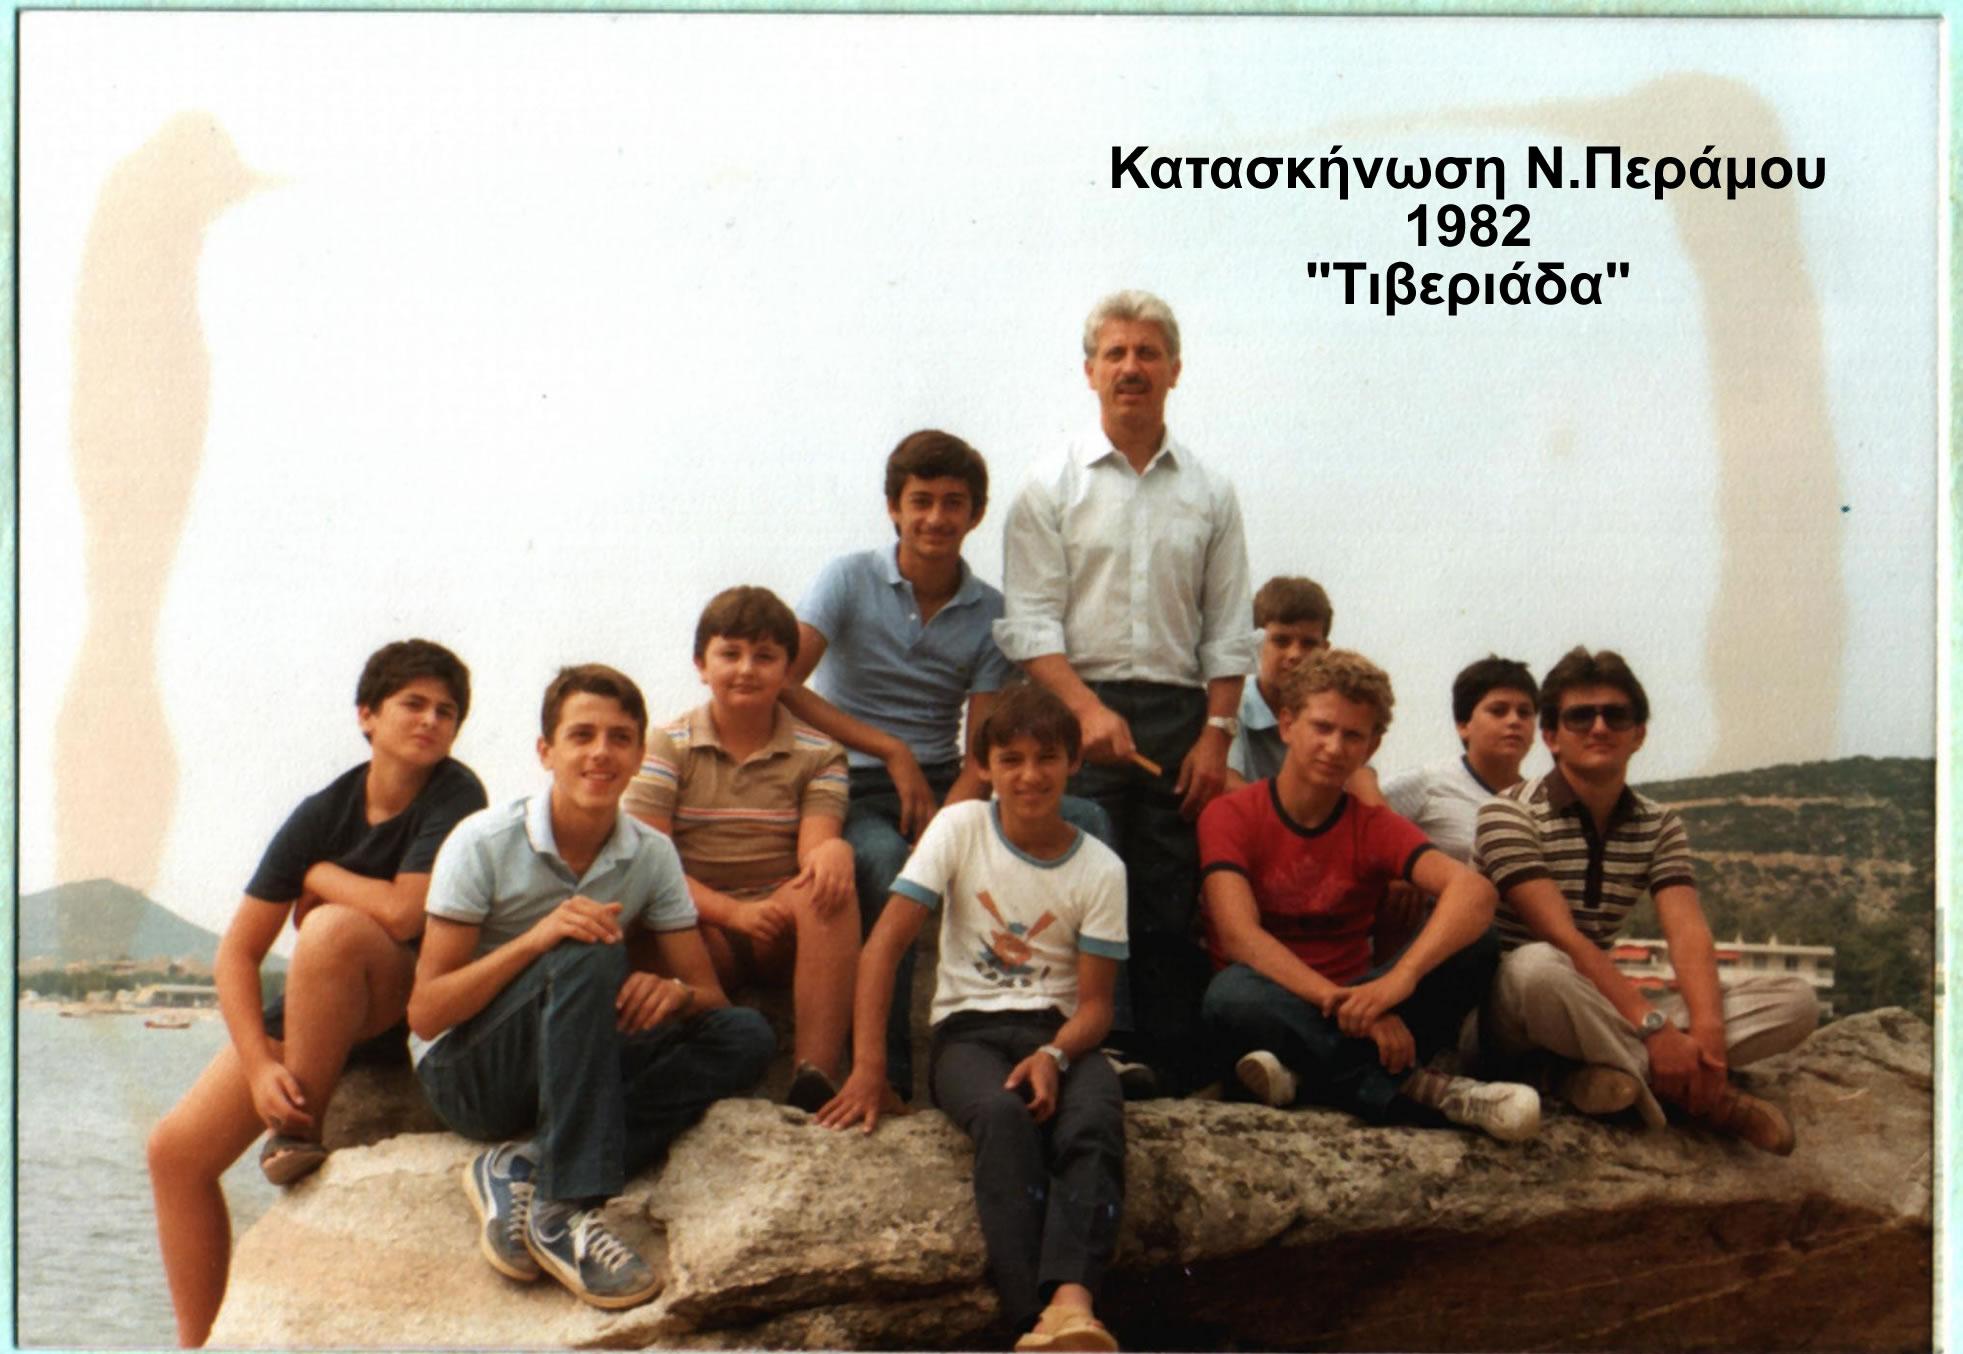 τιβεριαδα 1982 copy3